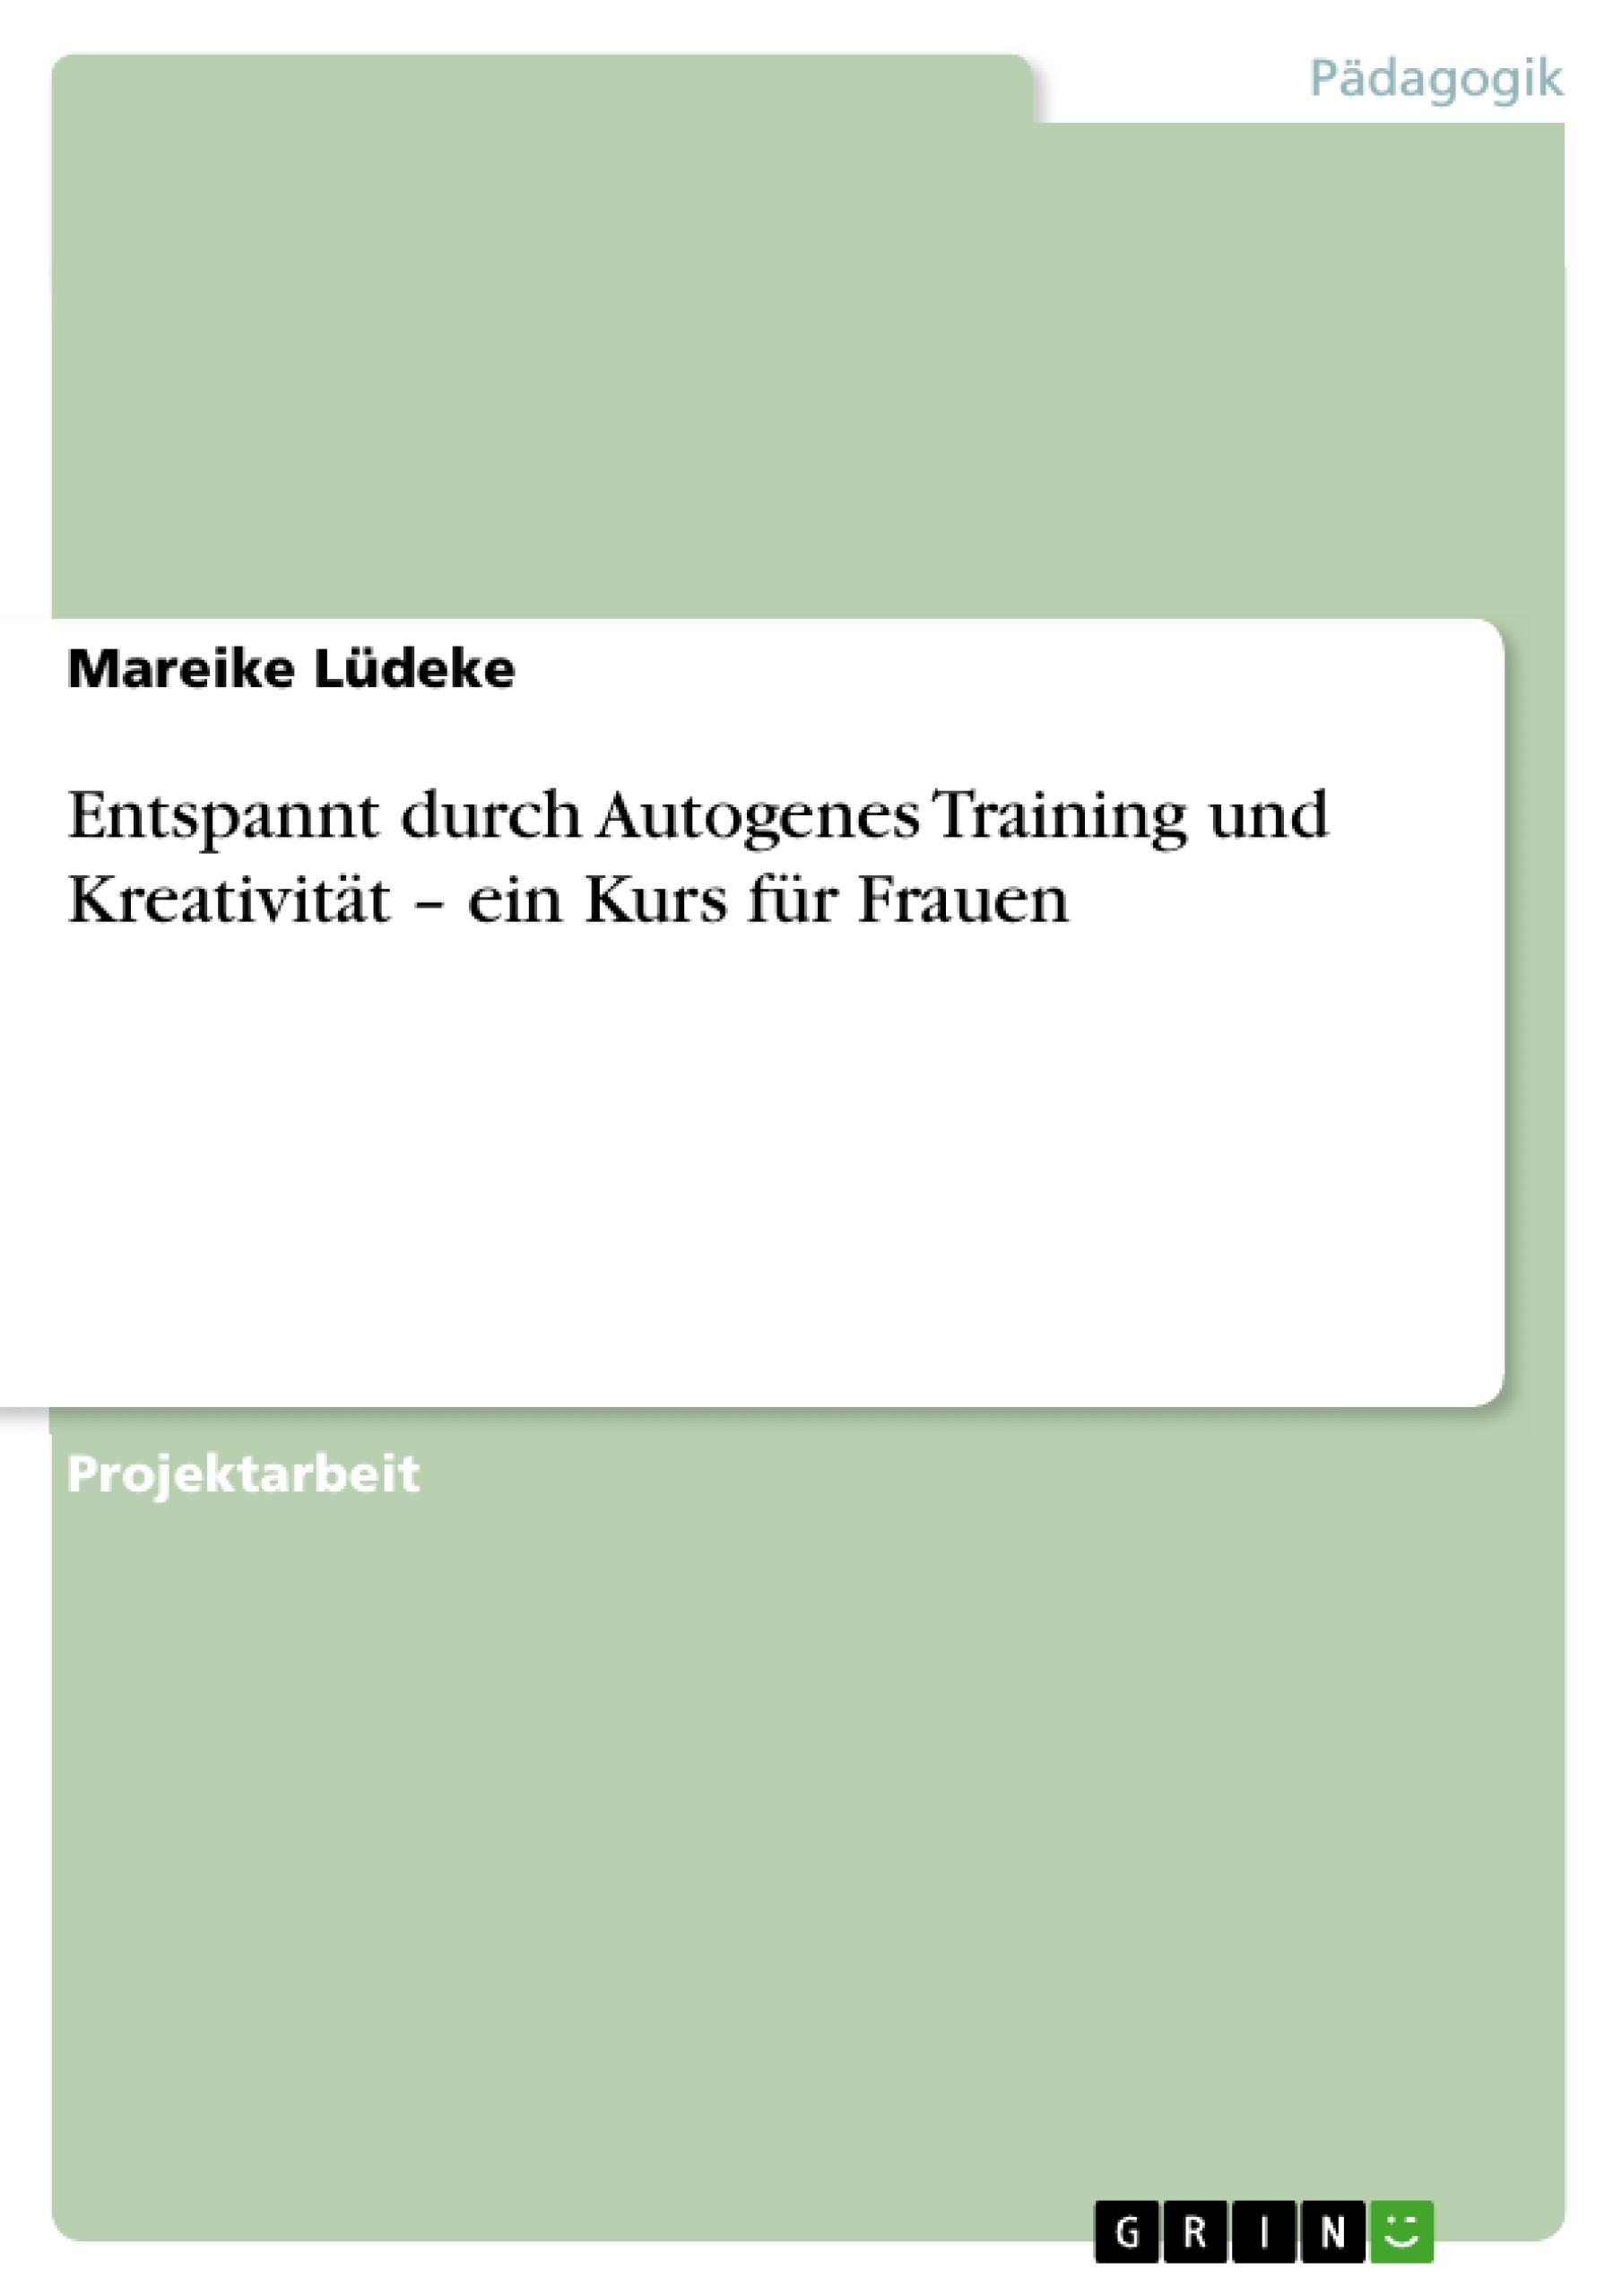 Titel: Entspannt durch Autogenes Training und Kreativität – ein Kurs für Frauen